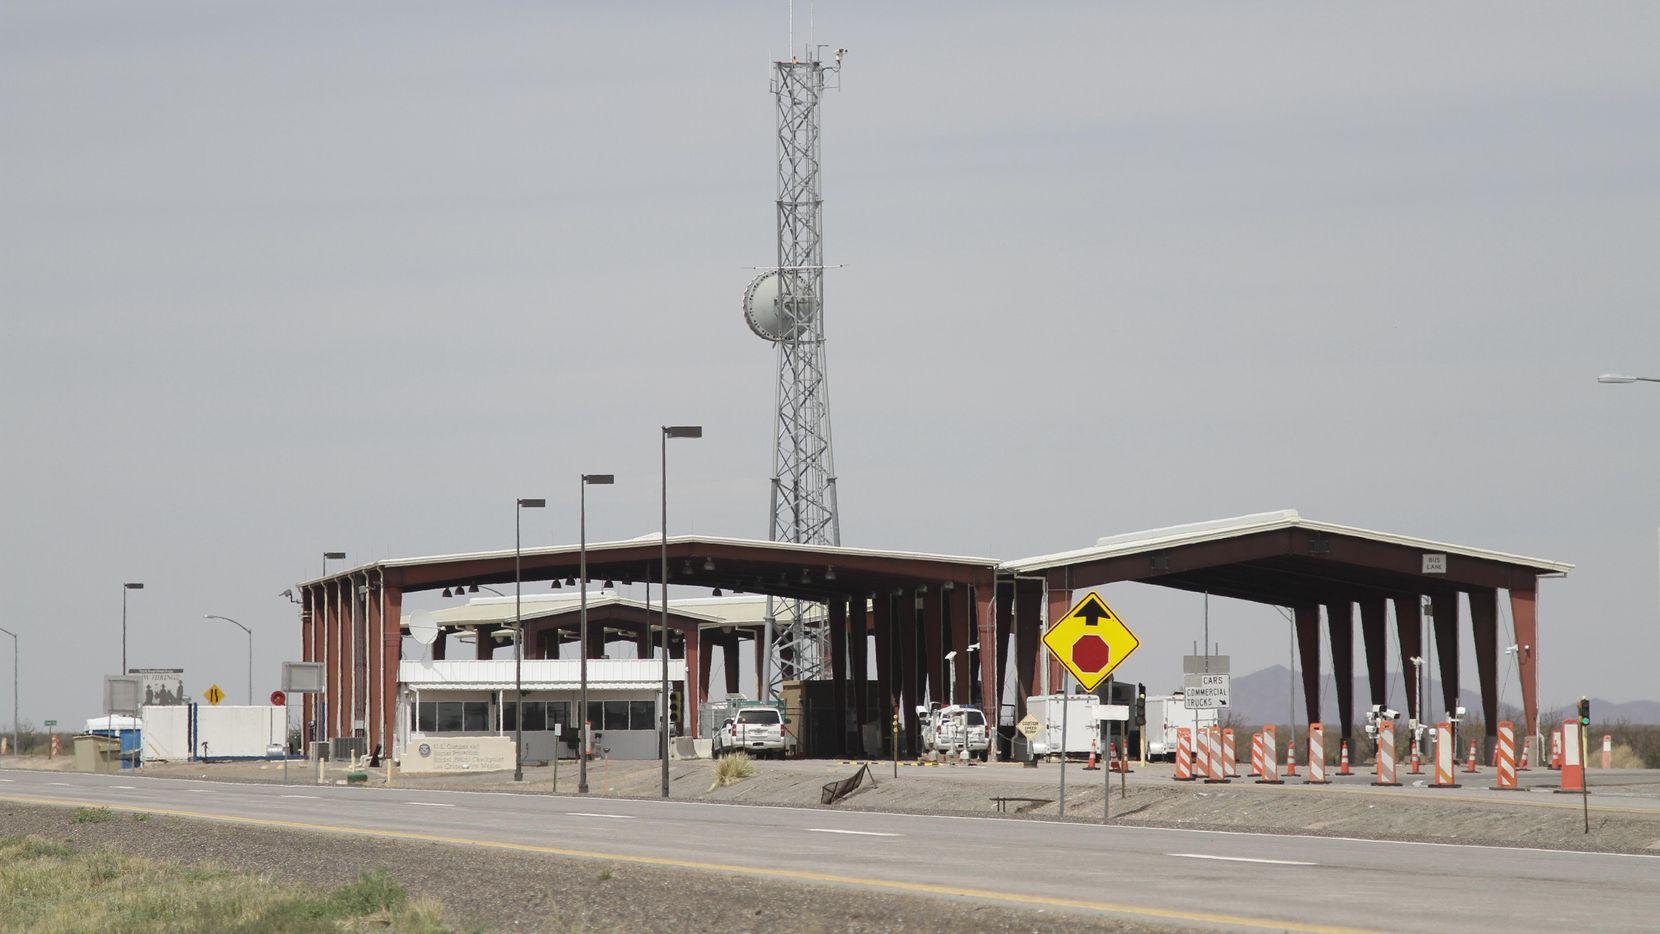 La estación de revisión migratoria de Aduanas y Seguridad Fronteriza (CBP) al norte de Las Cruces, New Mexico. AP